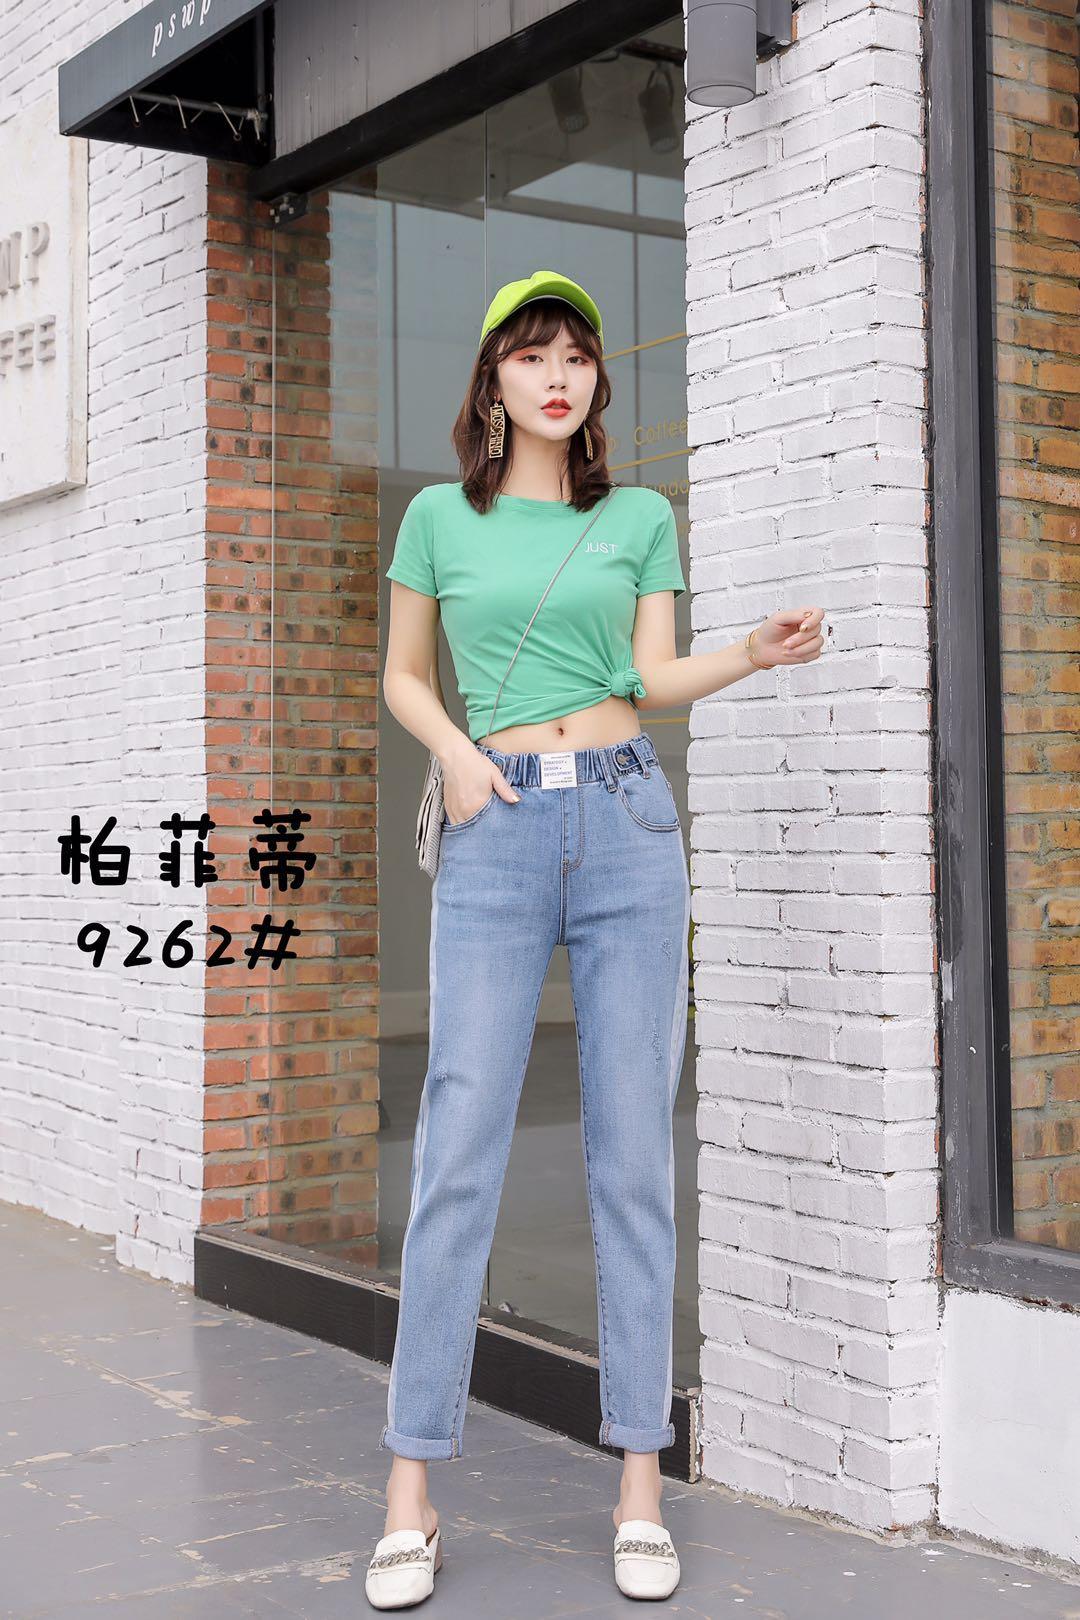 柏菲蒂9262新款20夏季大码女裤200斤休闲松紧腰高腰弹力牛仔裤